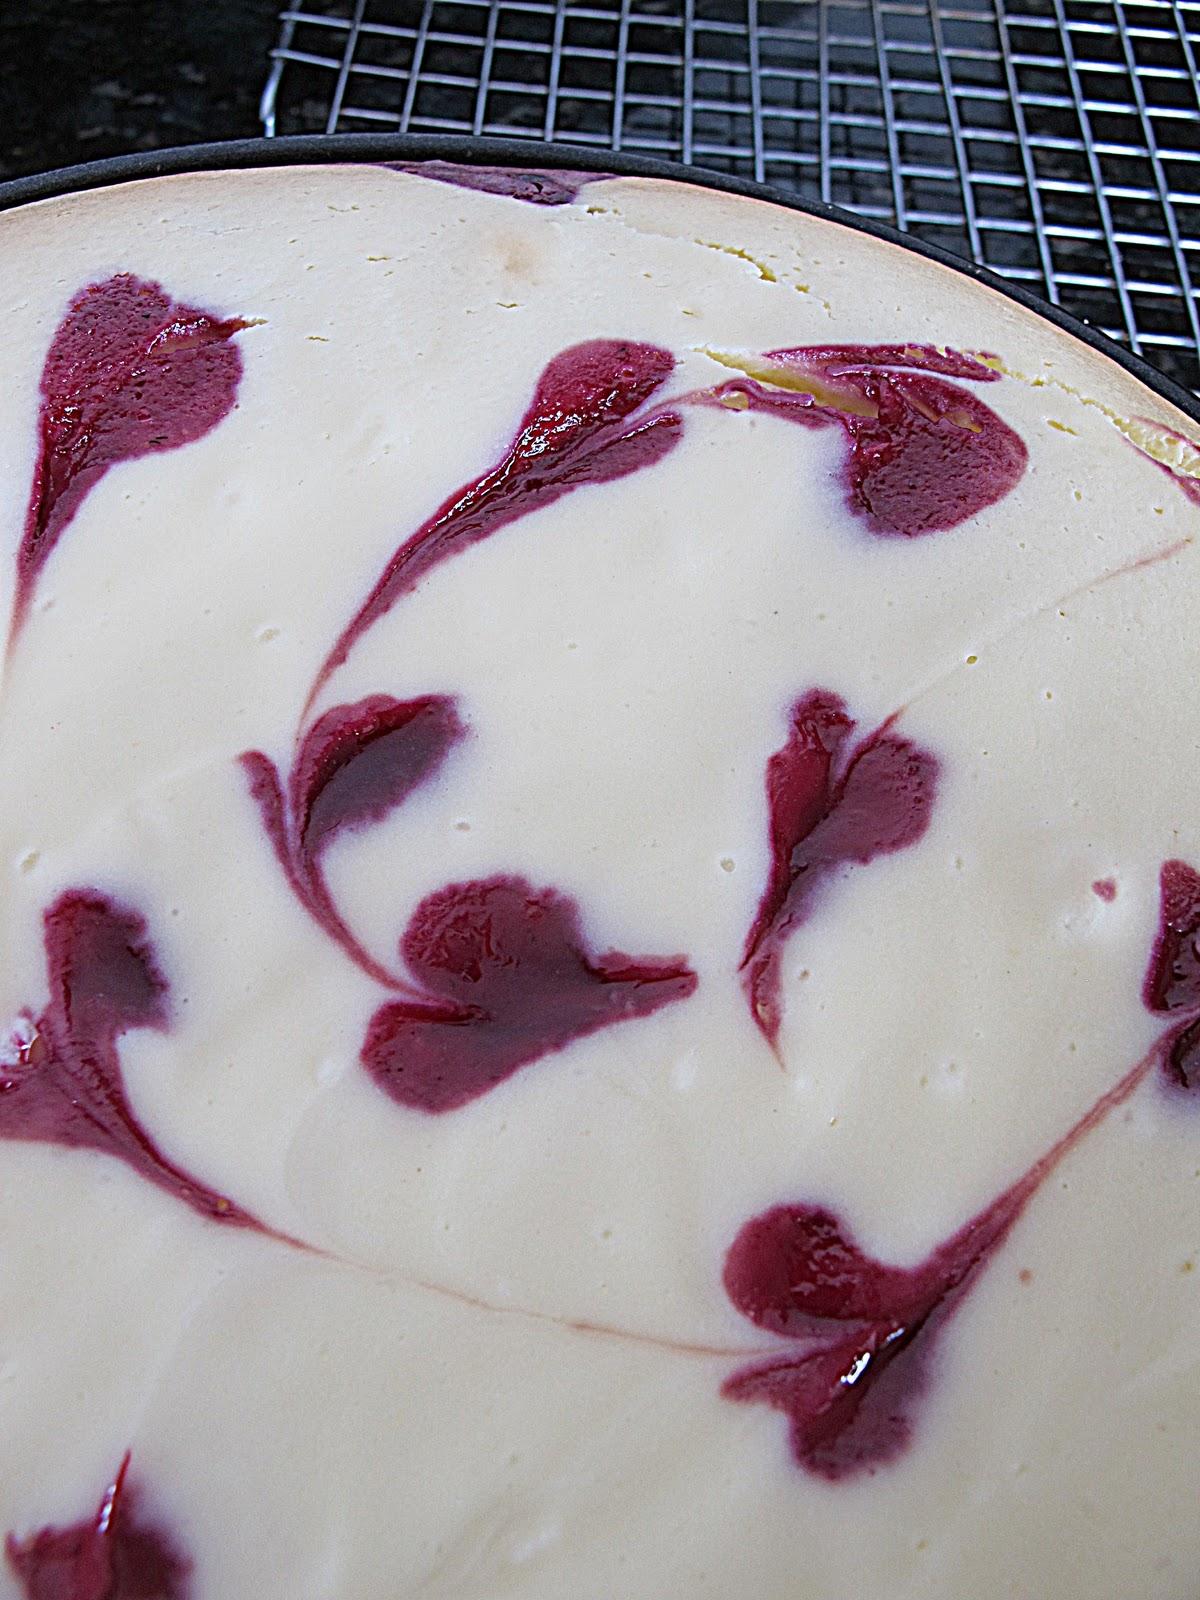 Purple Chocolat Home: Blackberry Lemon Layered Cheesecake